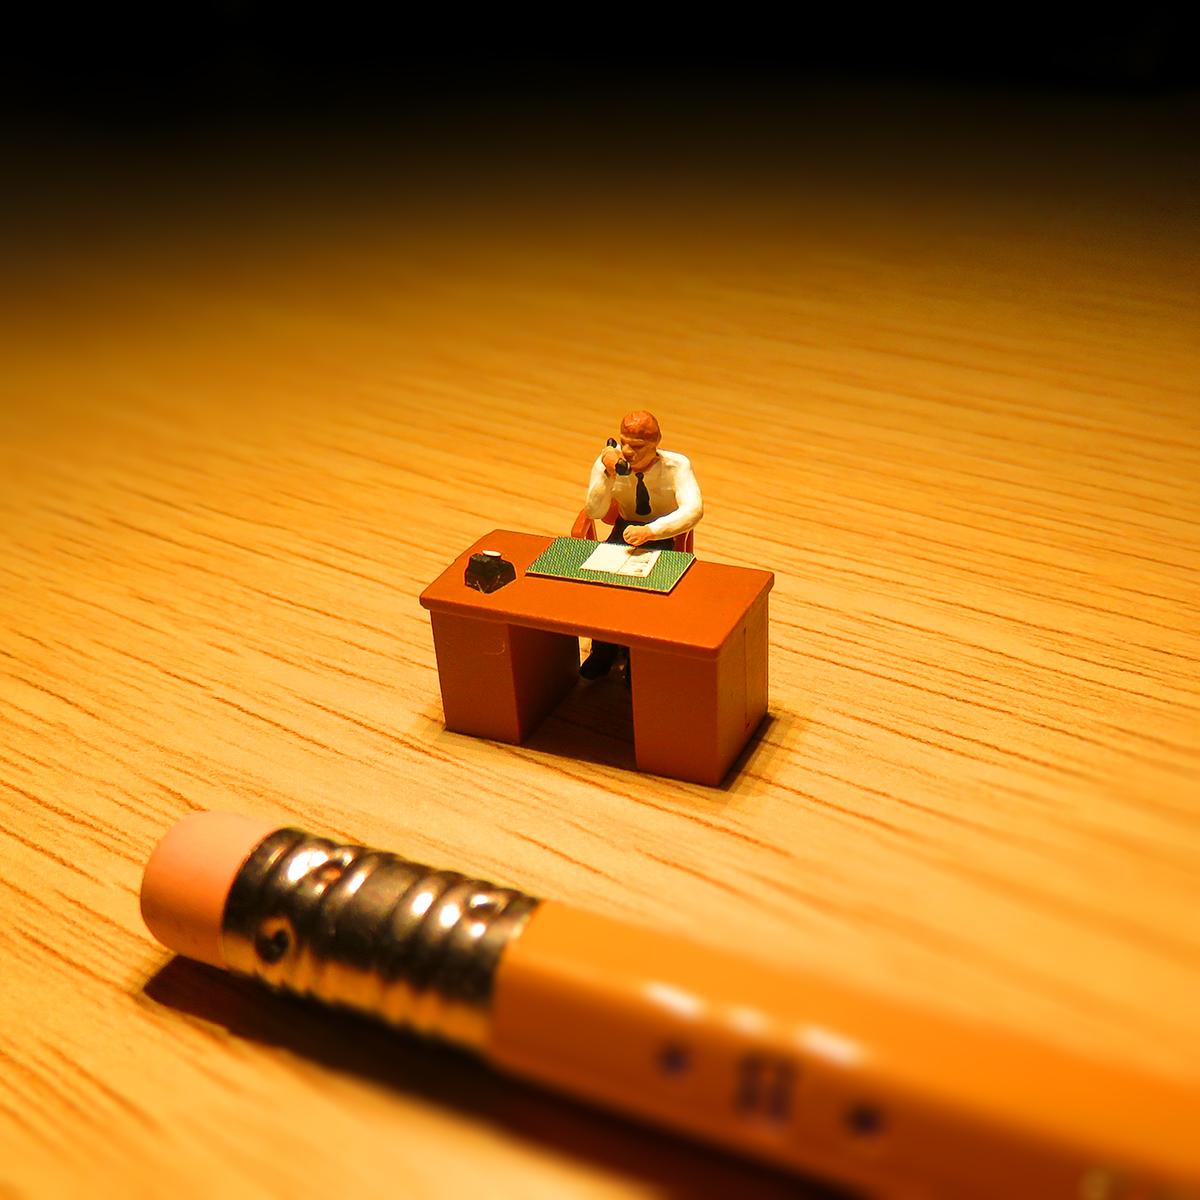 孤独の残業と最近の自分